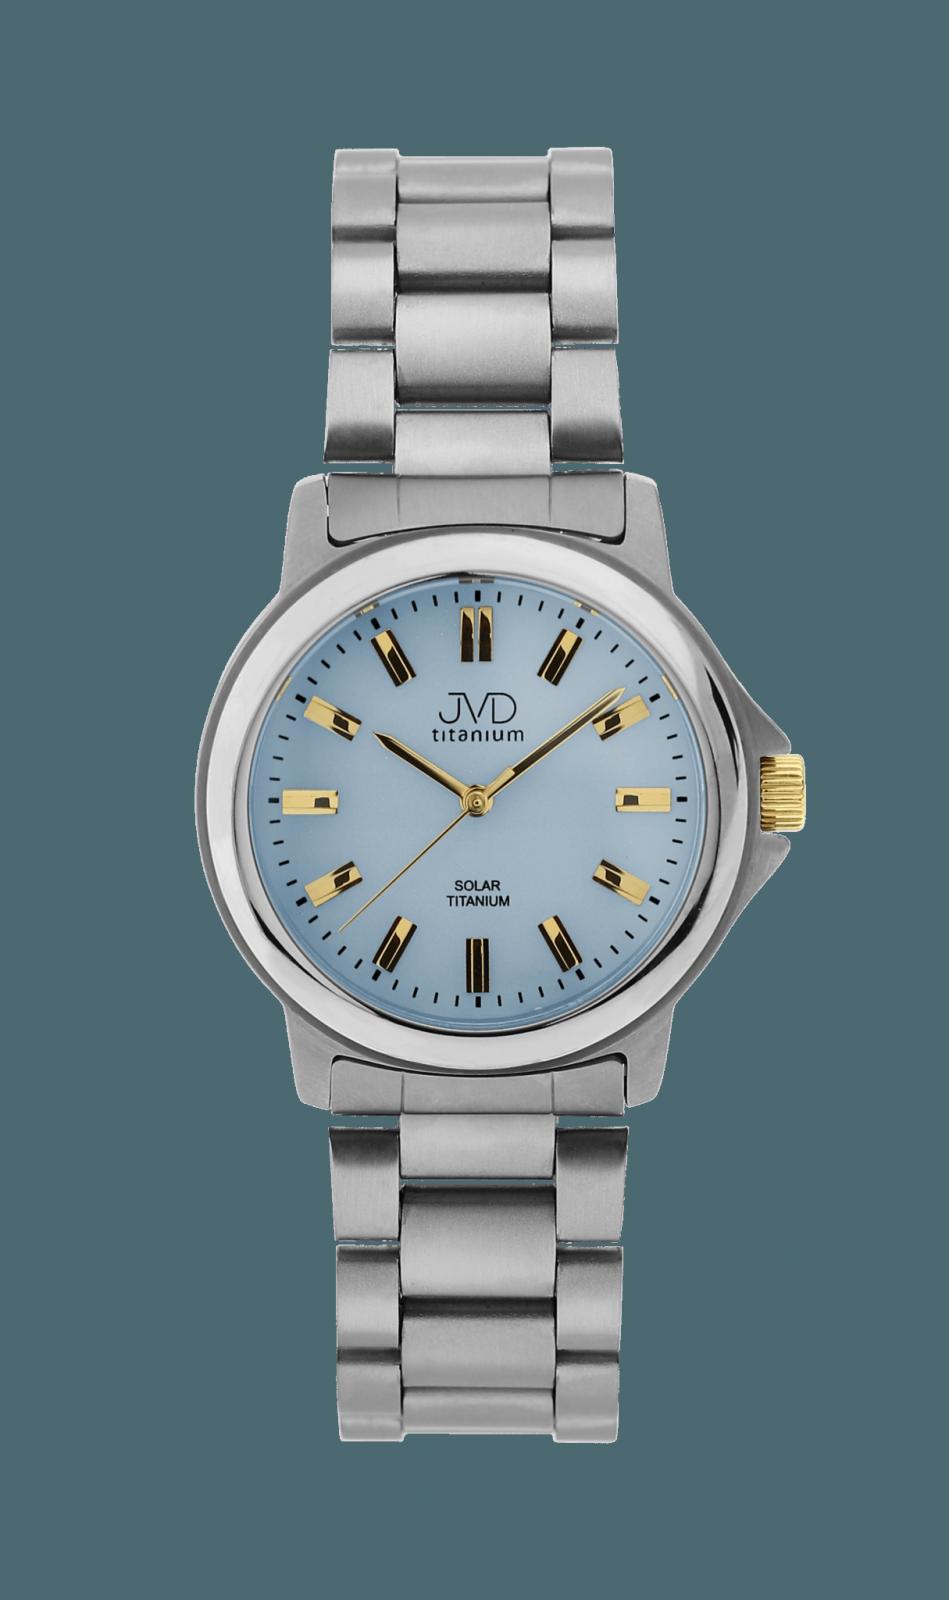 Náramkové hodinky JVD titanium J2015.3.3 151941 J2015.3.3